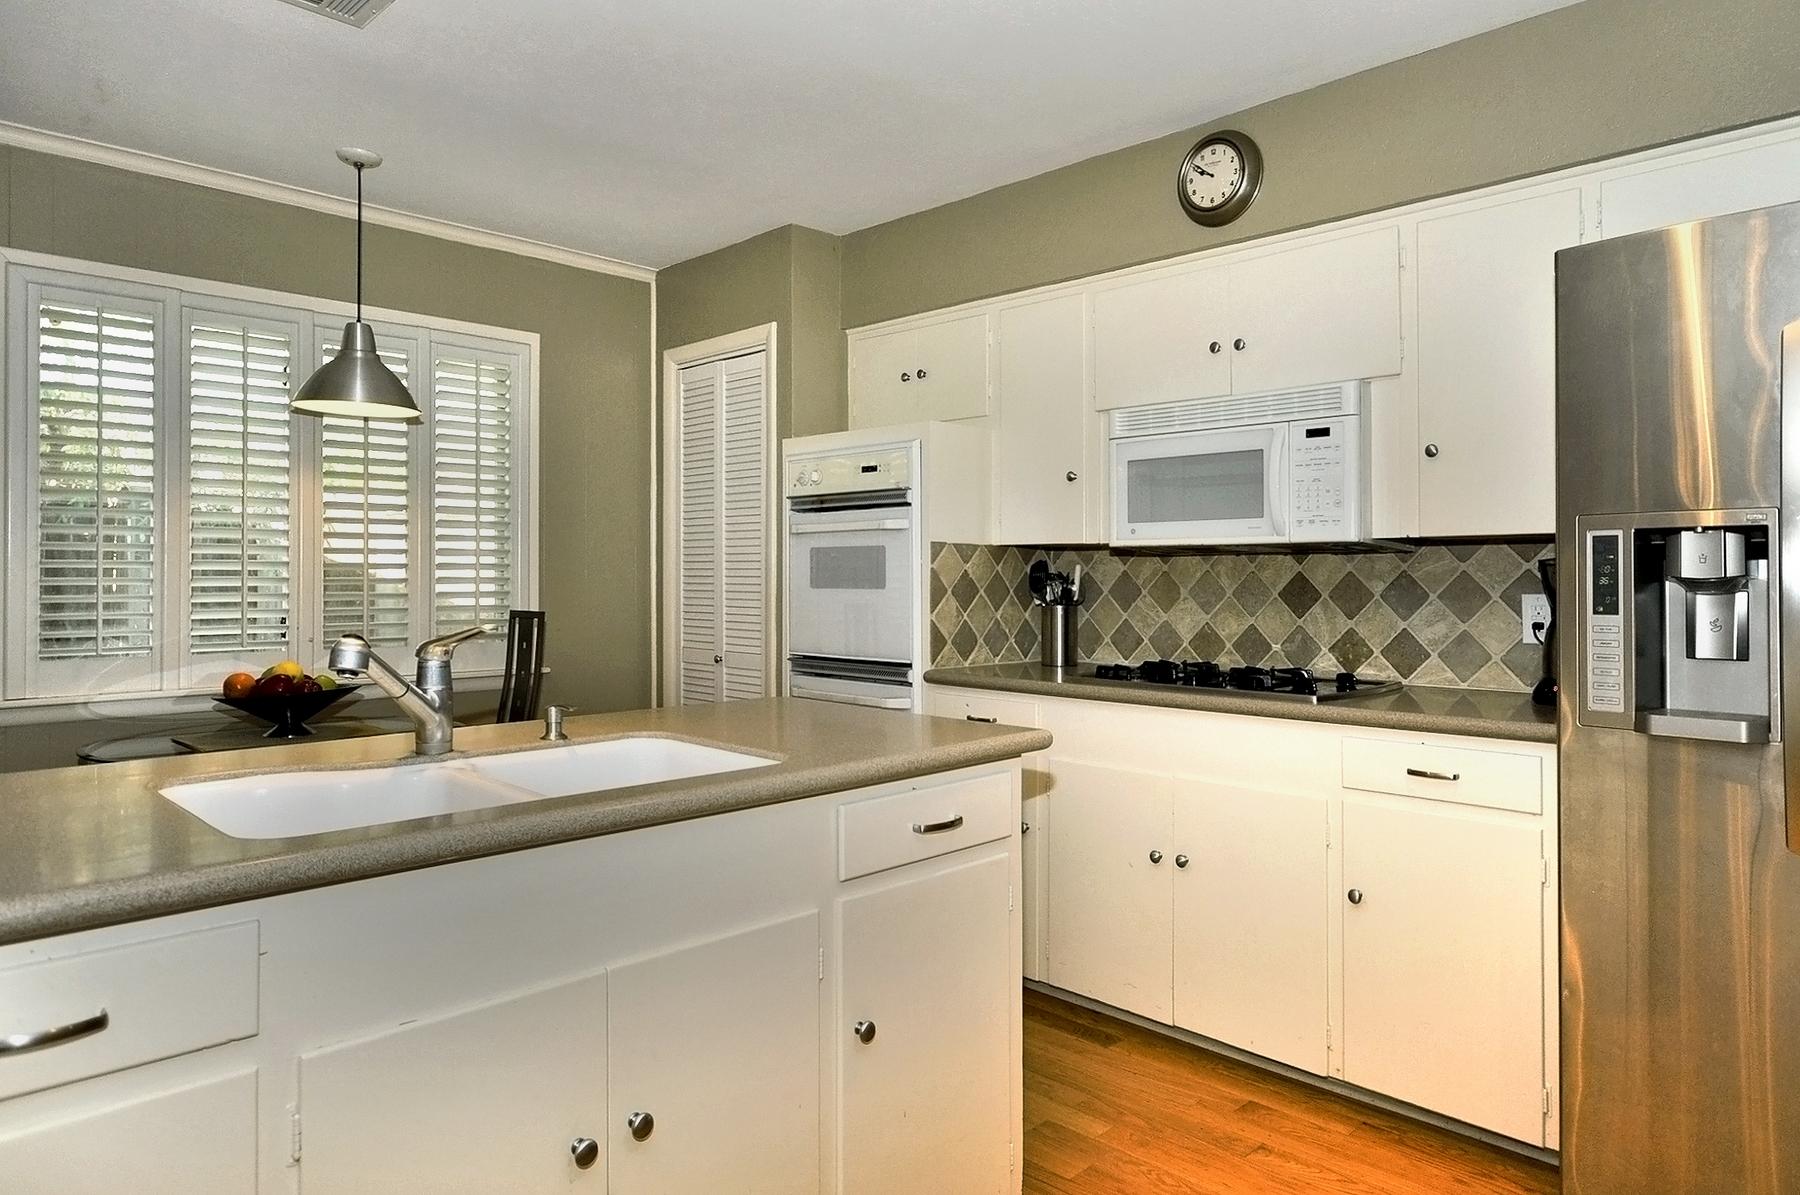 3350 Valiant Dallas Kitchen & Breakfast area.jpg